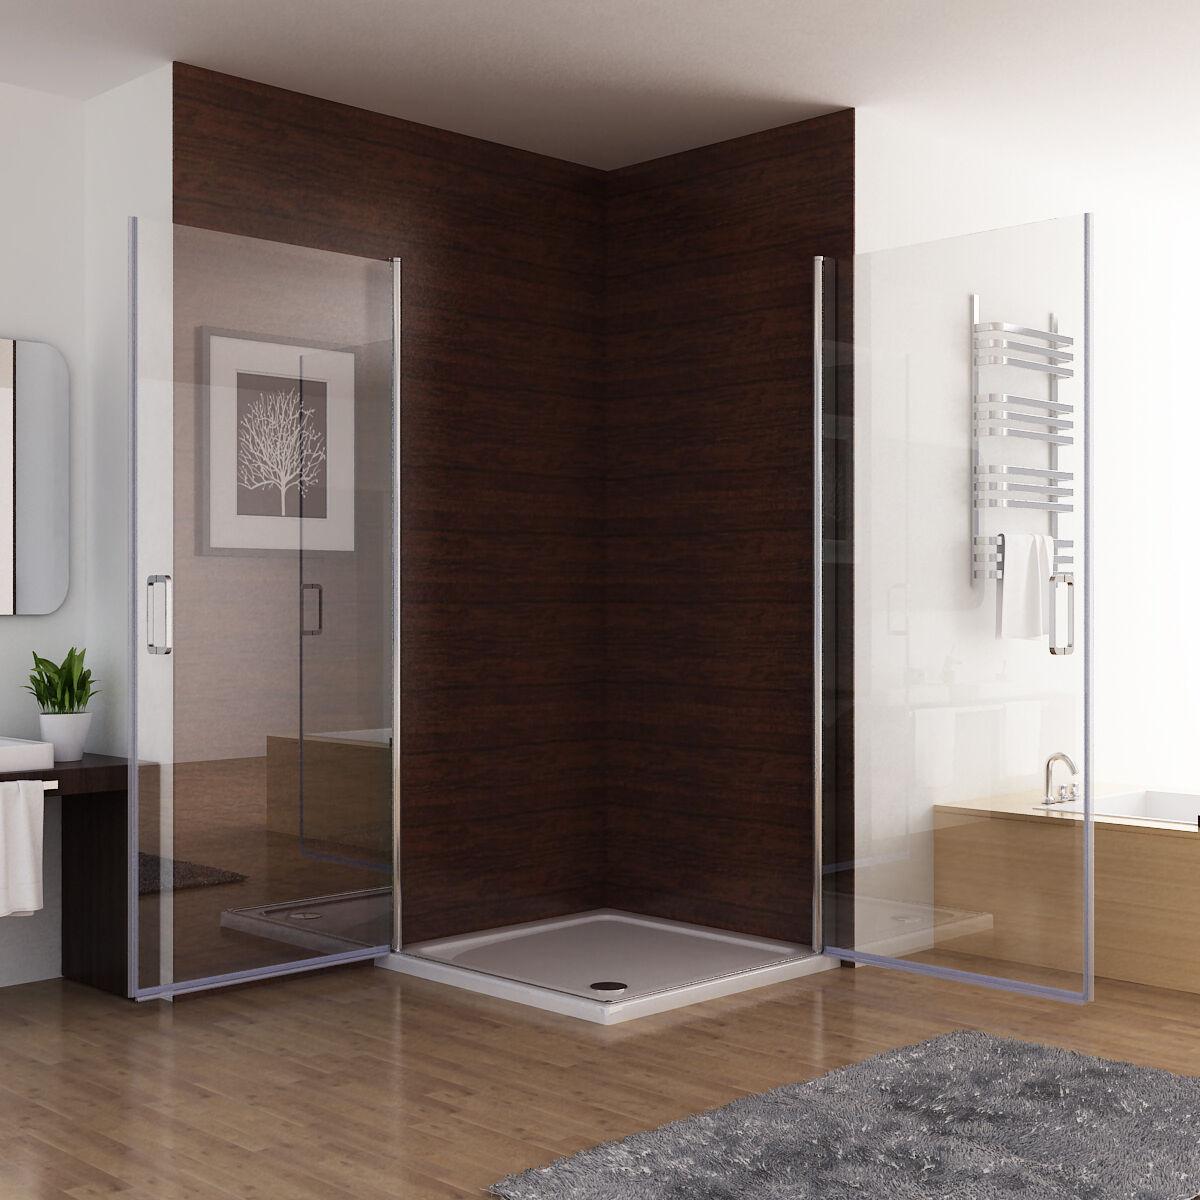 90 x 90 cm duschkabine eckeinstieg dusche duschwand. Black Bedroom Furniture Sets. Home Design Ideas